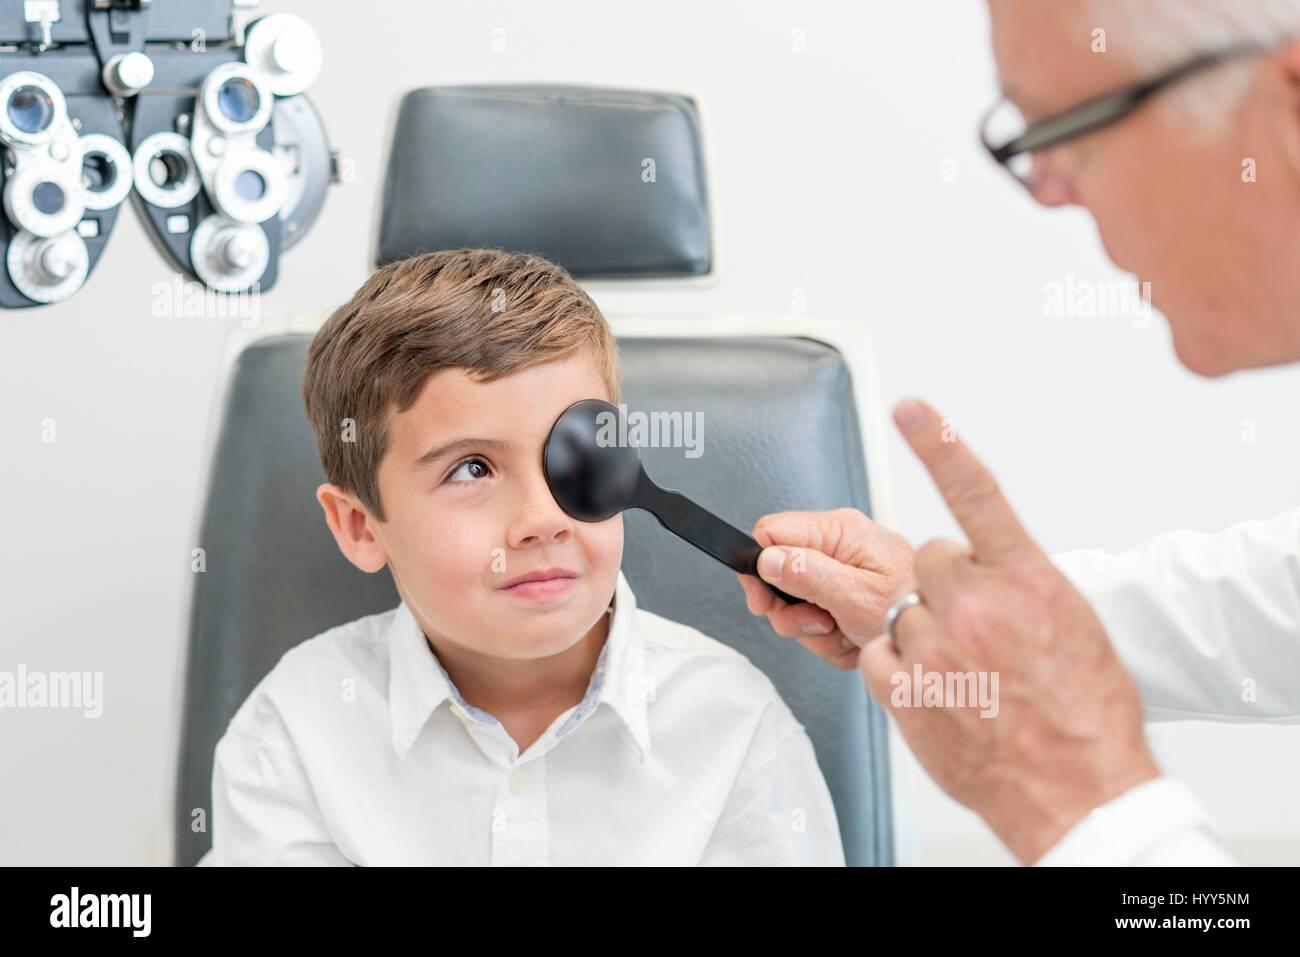 Prueba óptico macho chico de la visión. Imagen De Stock